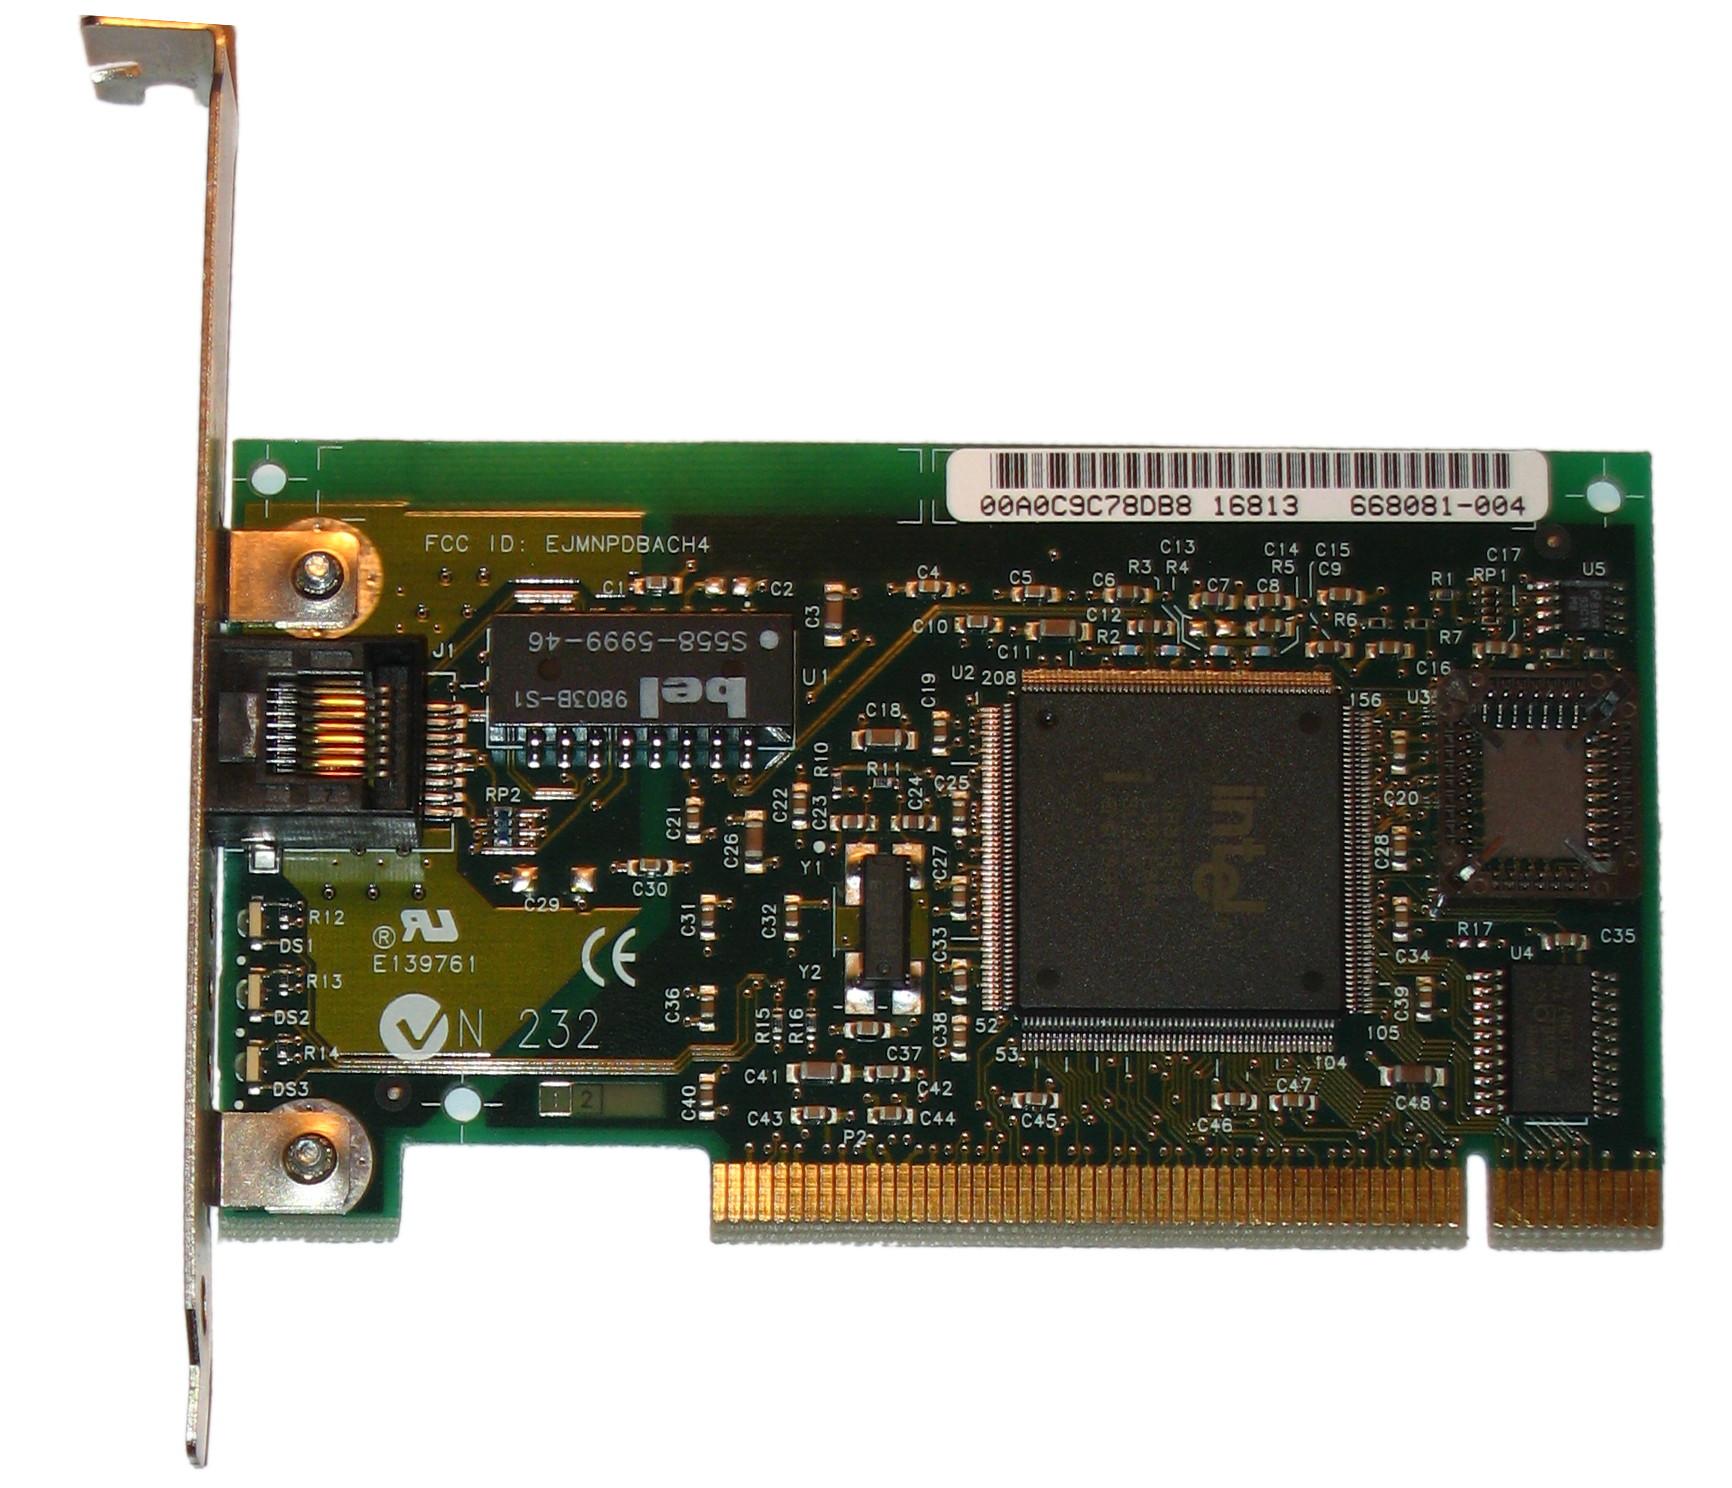 照片中提到了00AOC9C78DB8 16813、668081-004、FCC ID: EJMNPDBACH4,包含了英特爾pro 100、快速以太網、乙太網路、網絡接口控制器、英特爾